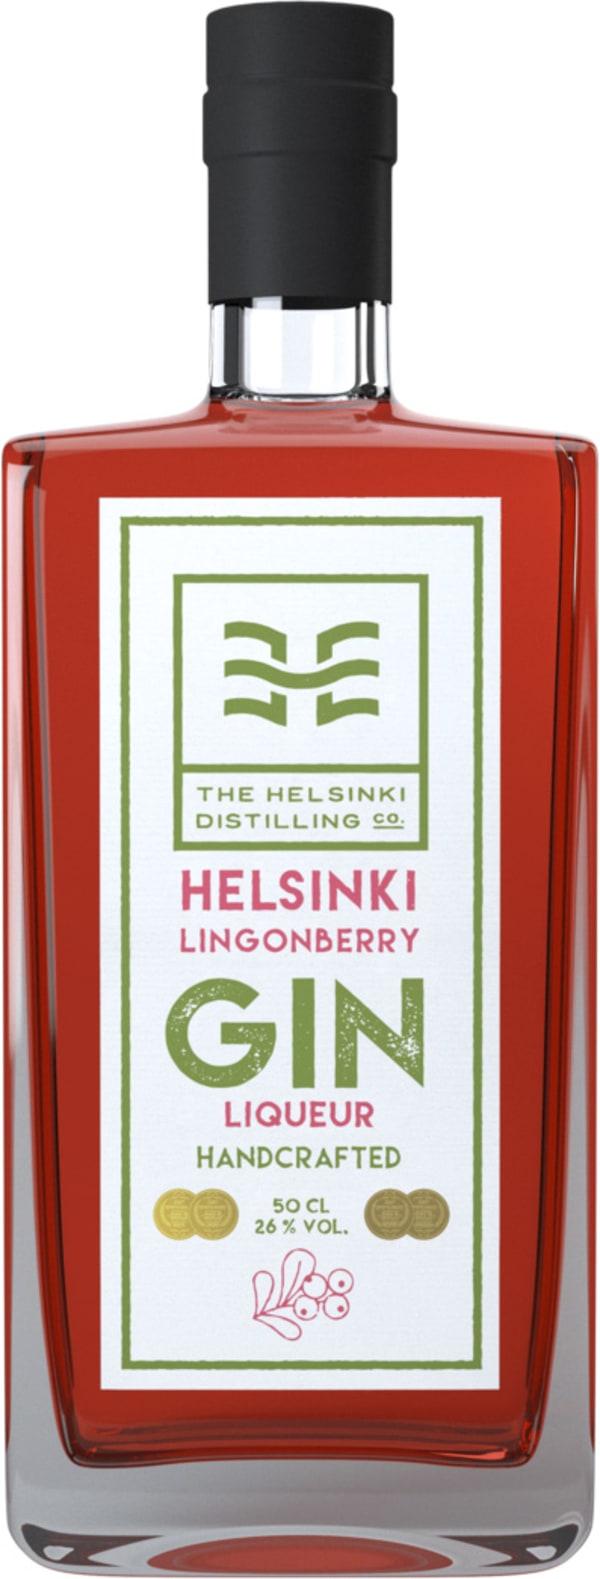 Helsinki Puolukka-Gin Likööri